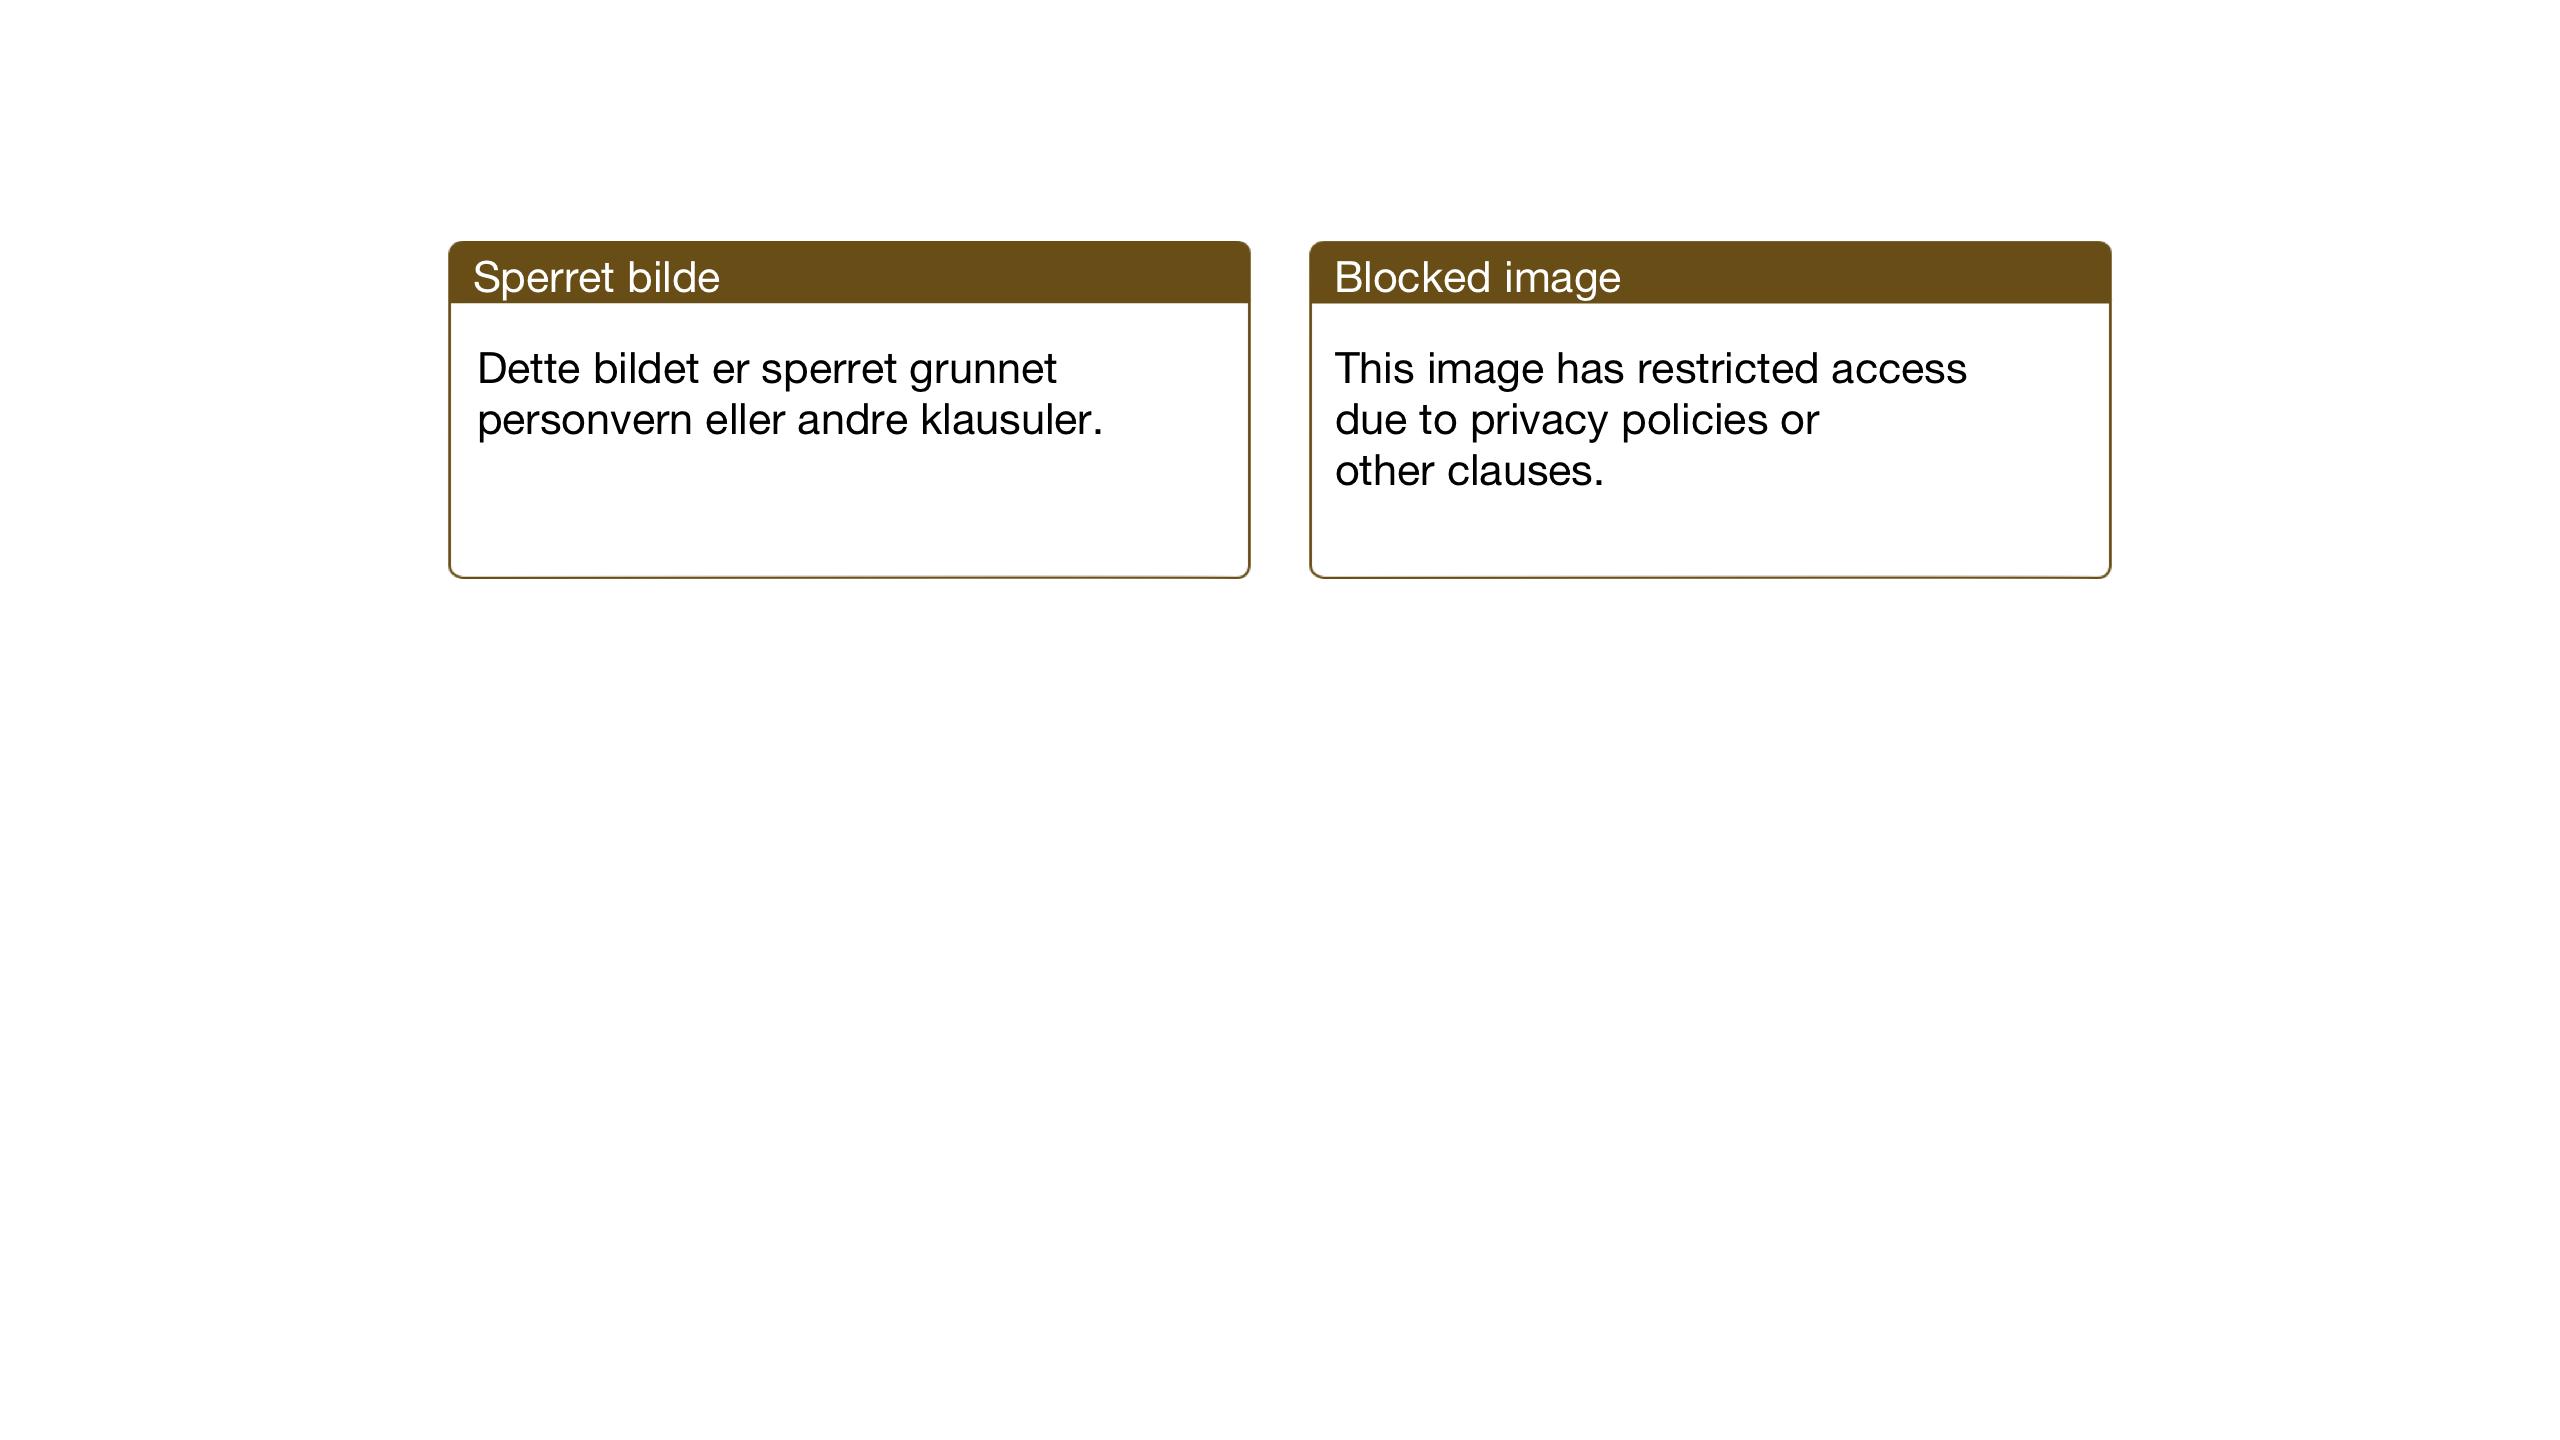 SAT, Ministerialprotokoller, klokkerbøker og fødselsregistre - Sør-Trøndelag, 662/L0758: Klokkerbok nr. 662C03, 1918-1948, s. 161